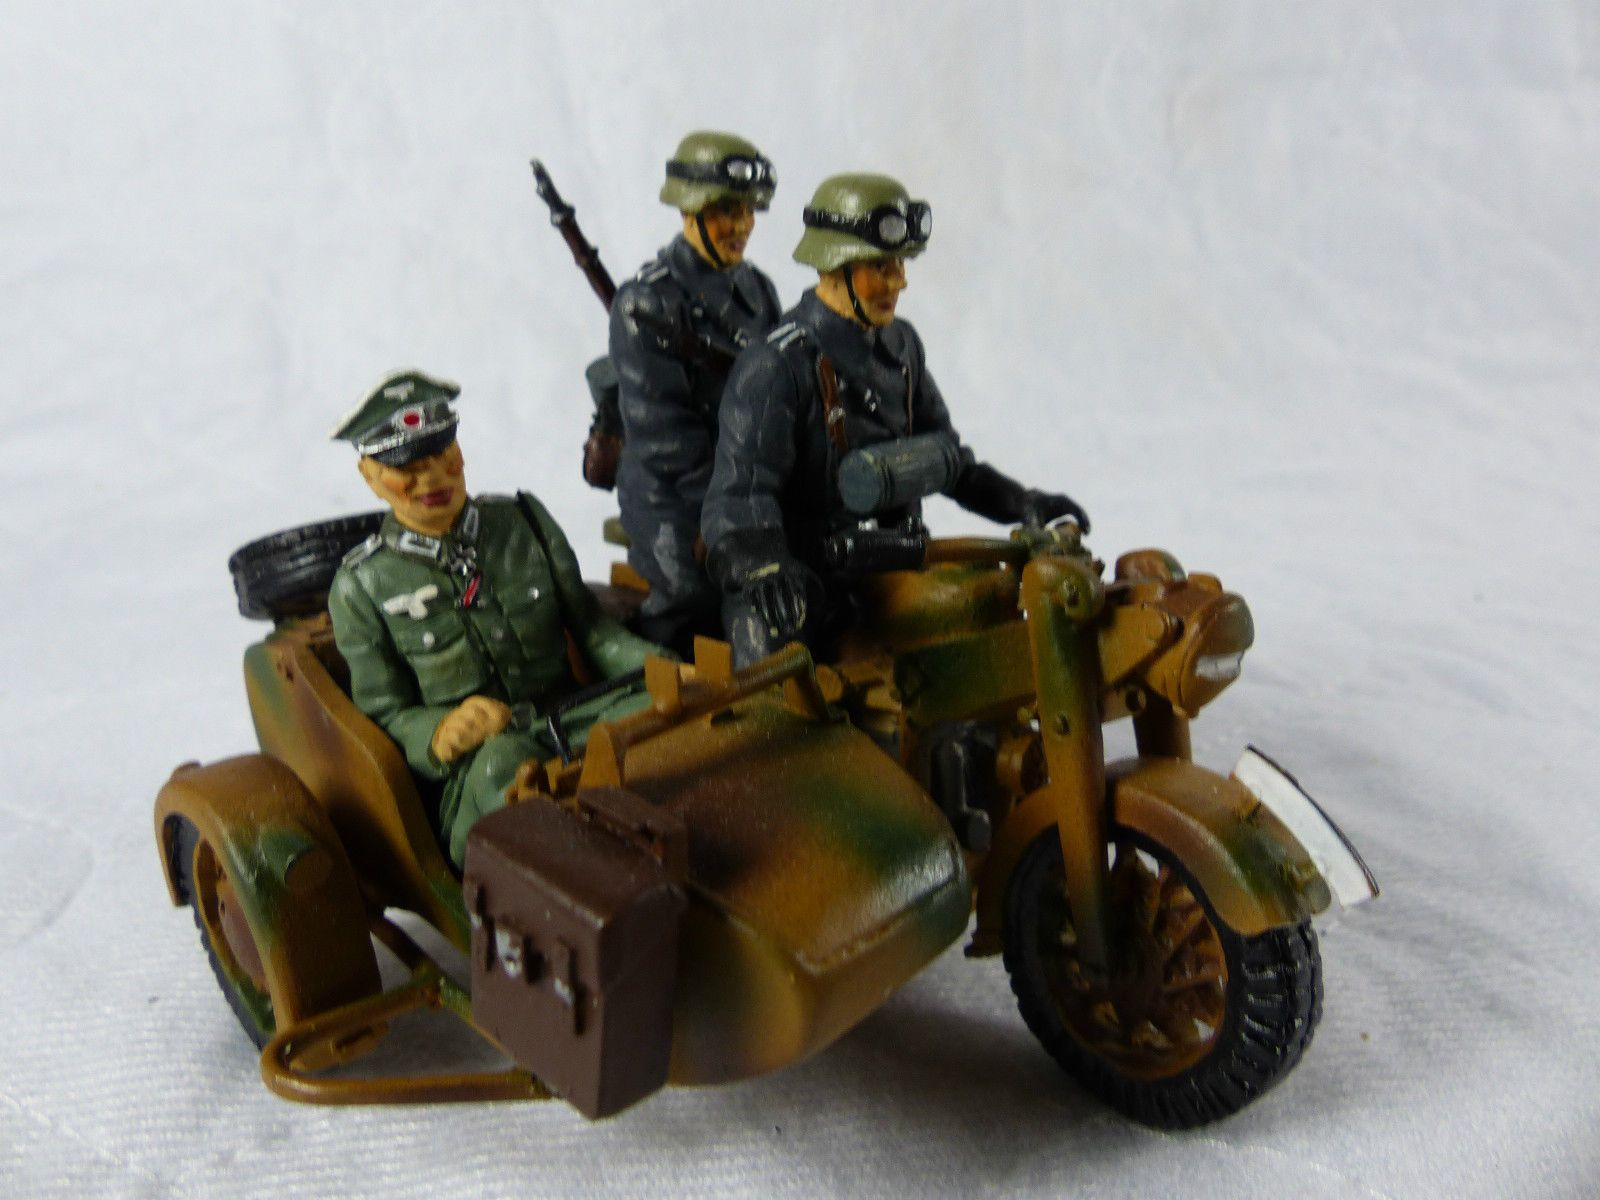 Lineol Duscha Wehrmacht Kradmelder Gespann mit Offizier - 7cm Serie   eBay